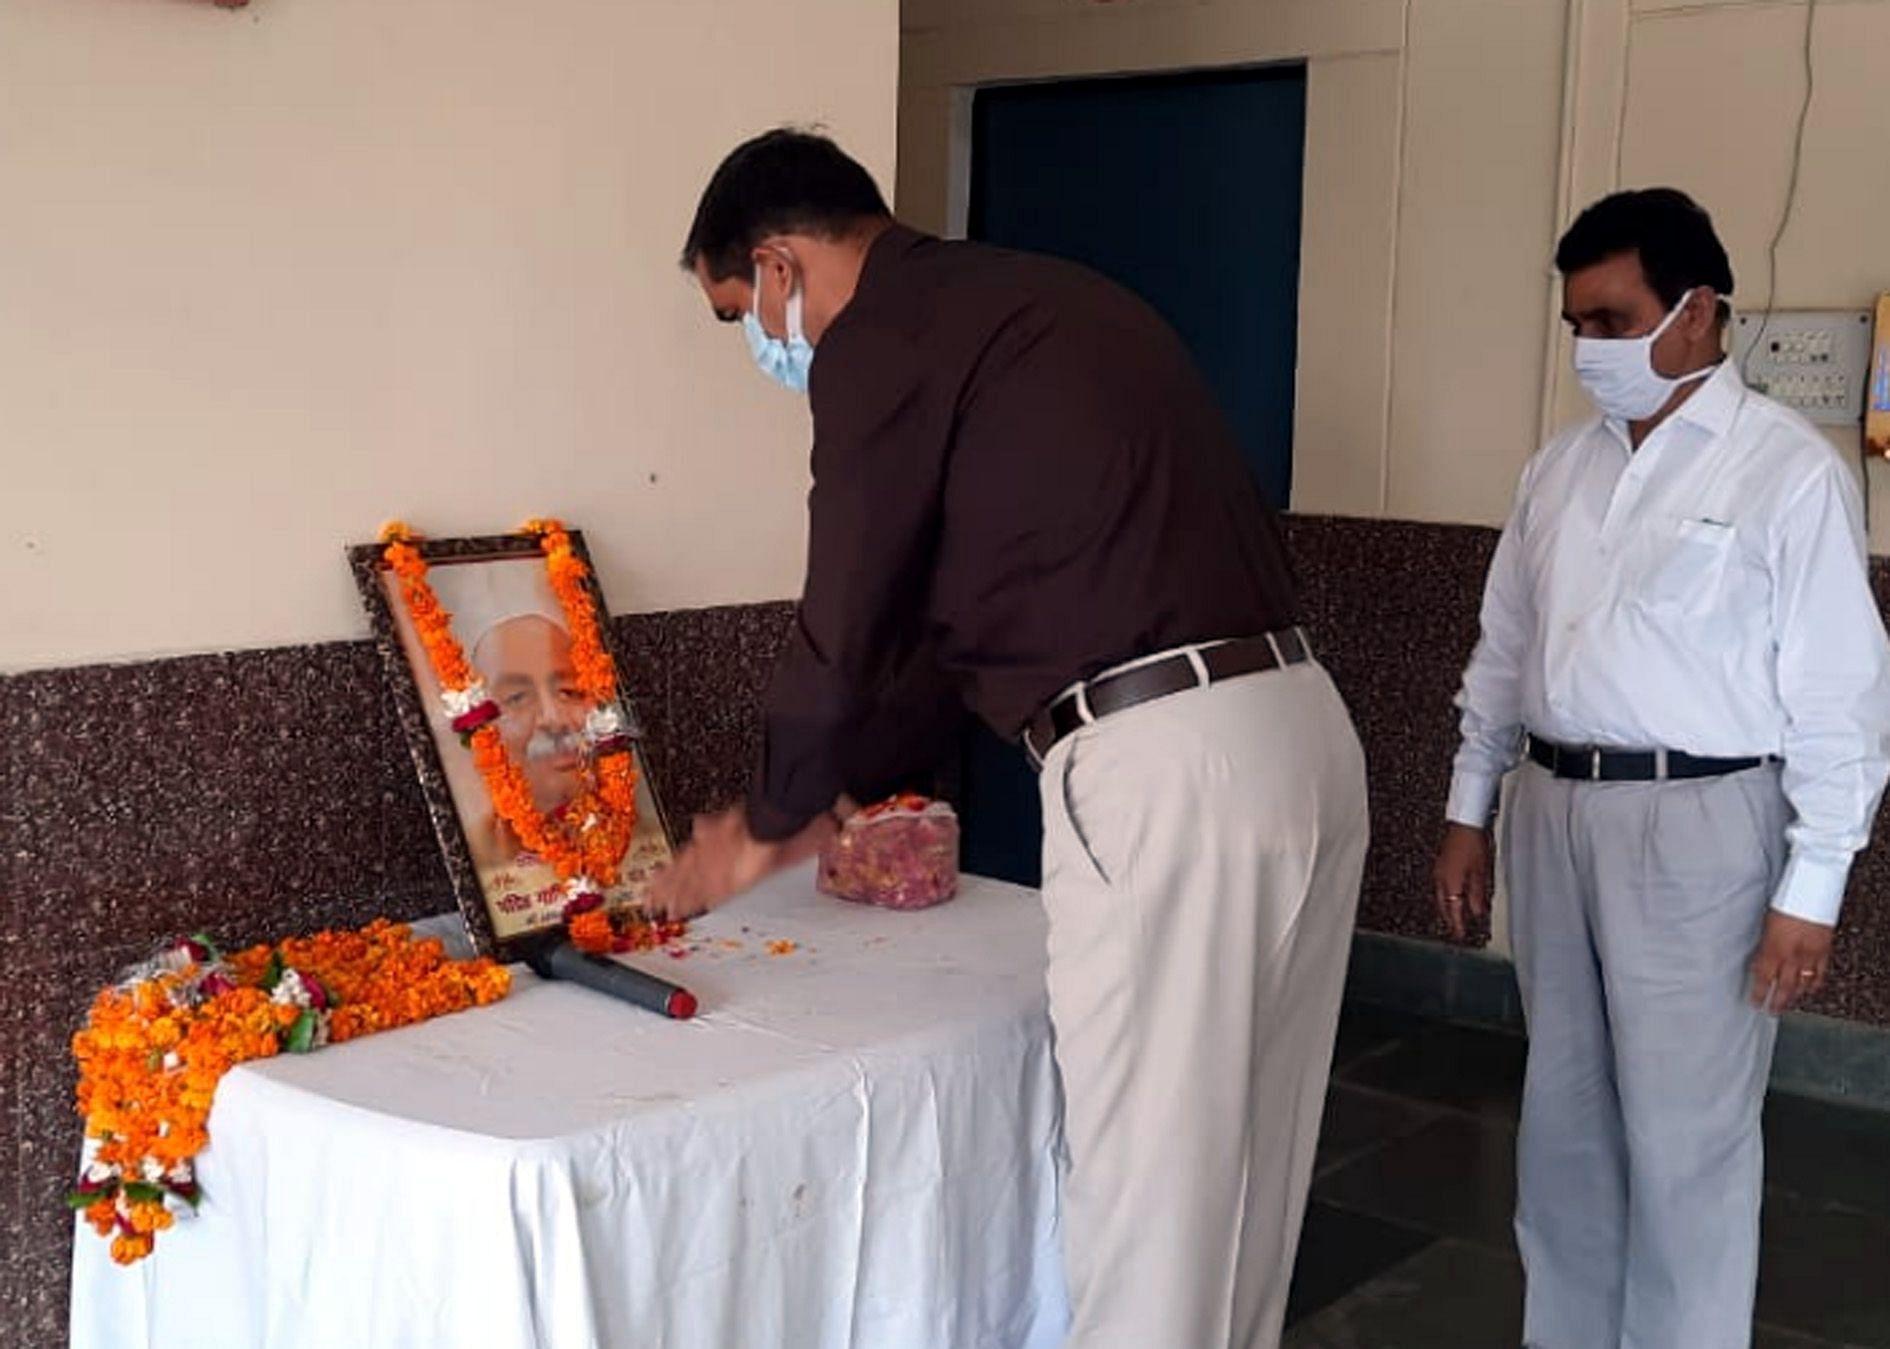 कासगंज कलक्ट्रेट में  भारत रत्न पंडित गोविन्द बल्लभ पंत की जयंती पर उनके चित्र के समक्ष पुष्प अर्